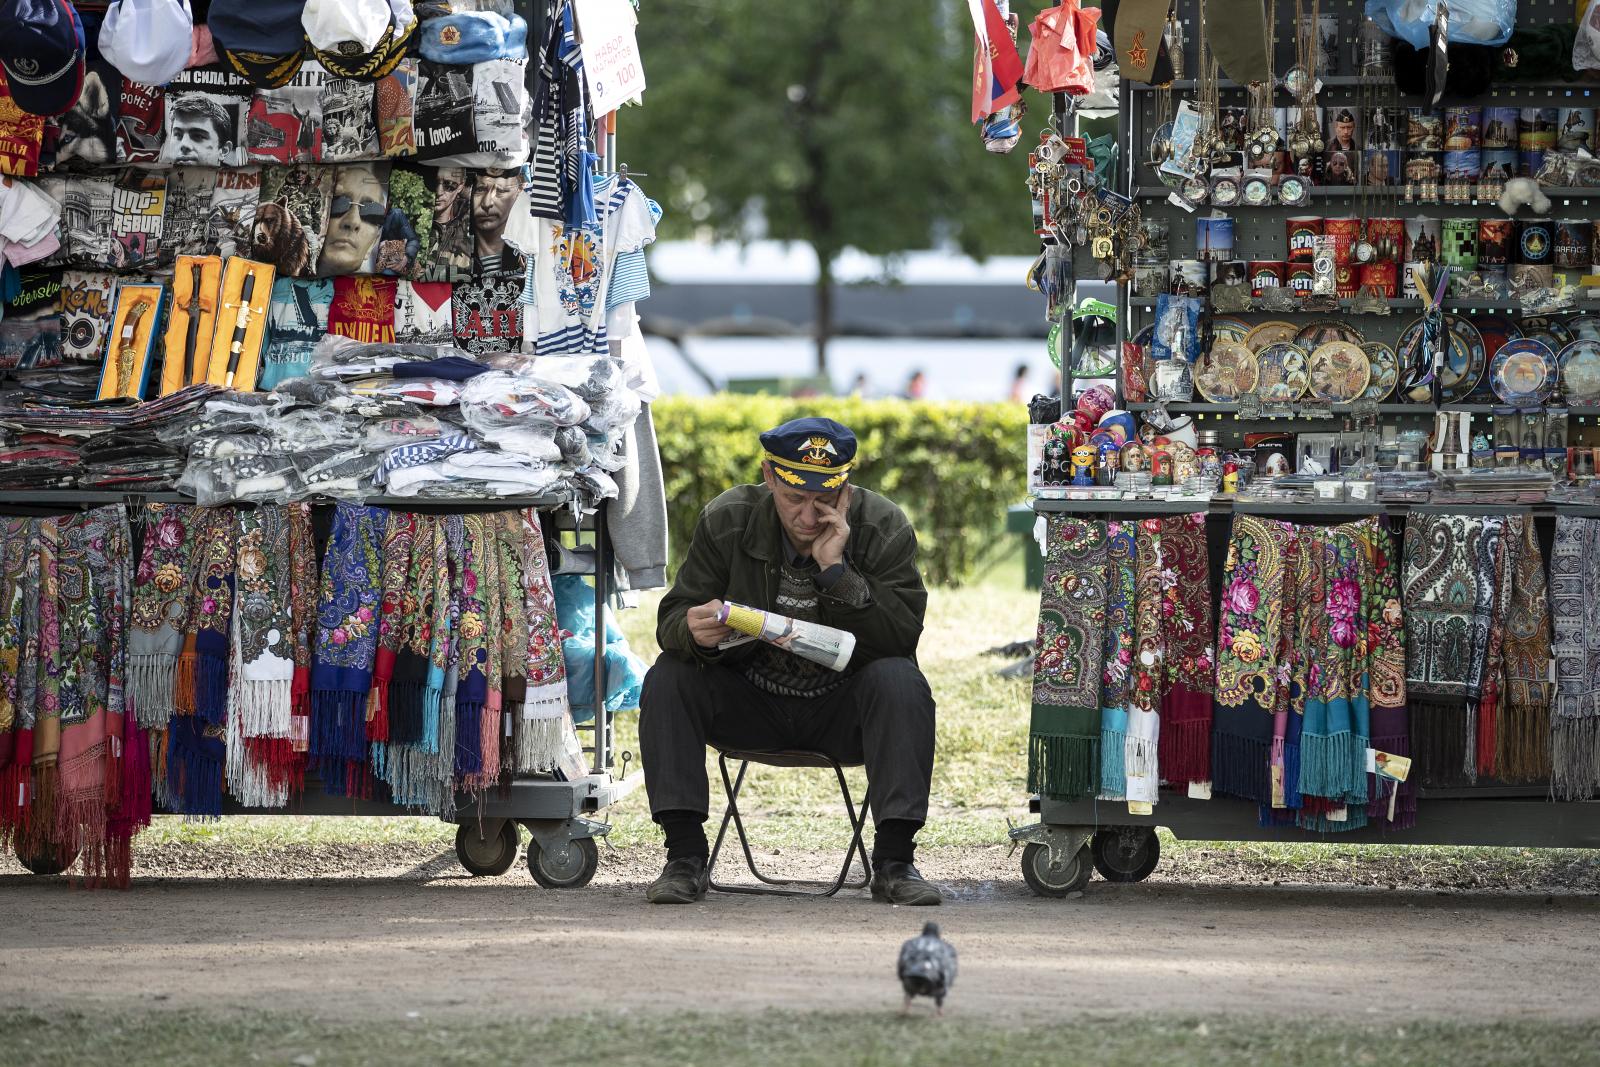 A souvenir seller